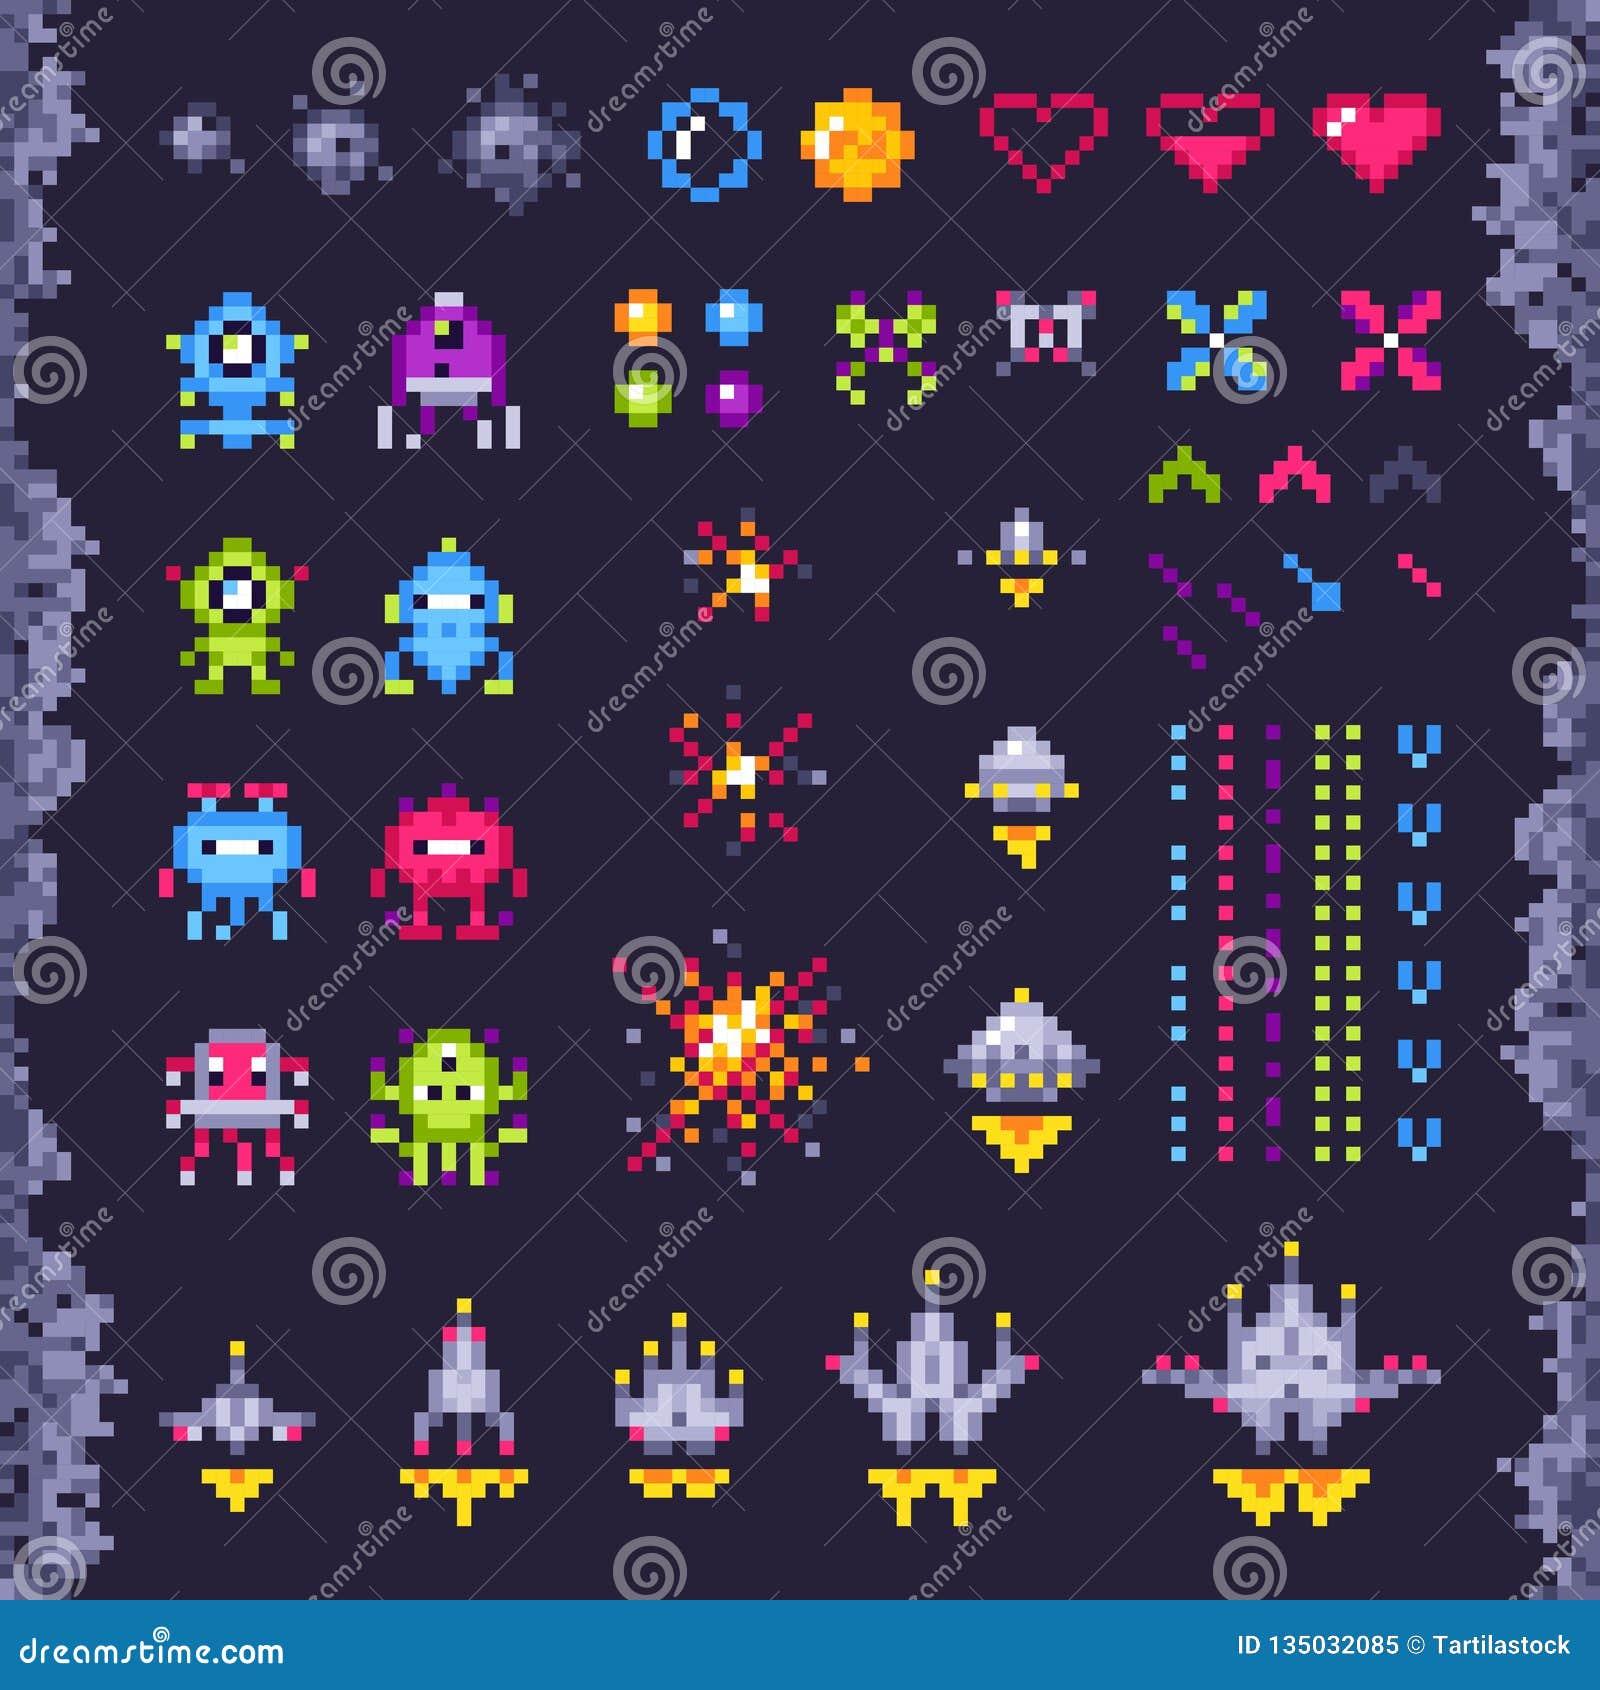 Juego de arcada retro del espacio Los invasores nave espacial, el monstruo del invasor del pixel y el arte retro del pixel de los